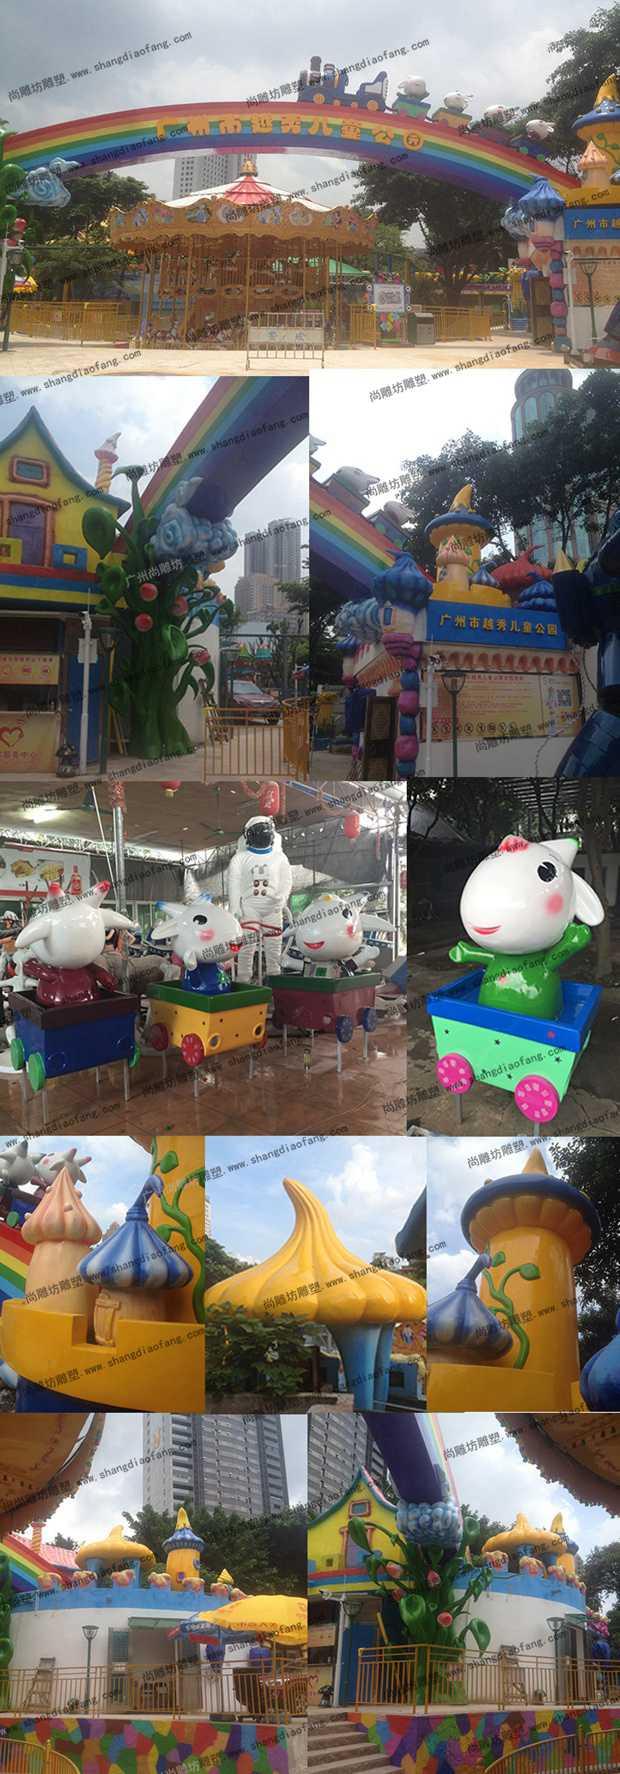 广州越秀儿童公园门头装饰雕塑集合图